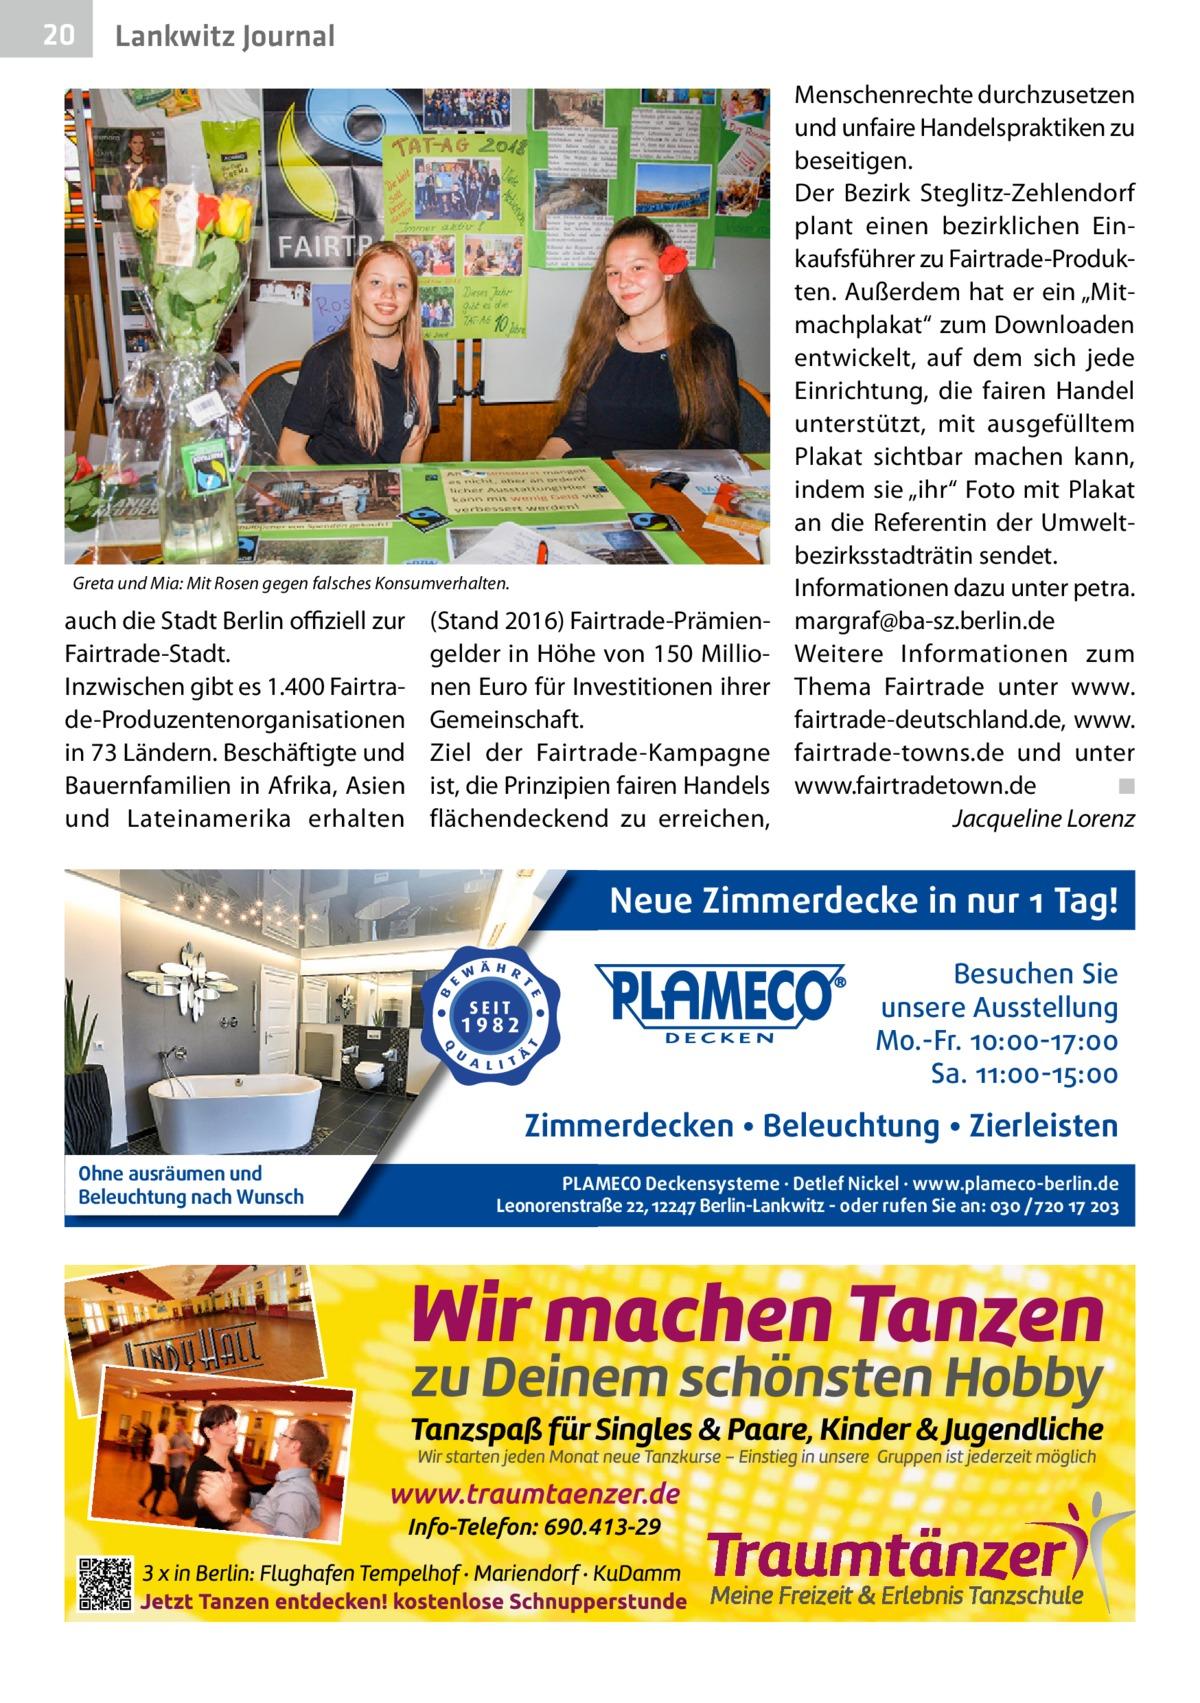 """20  Lankwitz Journal  Greta und Mia: Mit Rosen gegen falsches Konsumverhalten.  auch die Stadt Berlin offiziell zur Fairtrade-Stadt. Inzwischen gibt es 1.400 Fairtrade-Produzentenorganisationen in 73 Ländern. Beschäftigte und Bauernfamilien in Afrika, Asien und Lateinamerika erhalten  (Stand 2016) Fairtrade-Prämiengelder in Höhe von 150Millionen Euro für Investitionen ihrer Gemeinschaft. Ziel der Fairtrade-Kampagne ist, die Prinzipien fairen Handels flächendeckend zu erreichen,  Menschenrechte durchzusetzen und unfaire Handelspraktiken zu beseitigen. Der Bezirk Steglitz-Zehlendorf plant einen bezirklichen Einkaufsführer zu Fairtrade-Produkten. Außerdem hat er ein """"Mitmachplakat"""" zum Downloaden entwickelt, auf dem sich jede Einrichtung, die fairen Handel unterstützt, mit ausgefülltem Plakat sichtbar machen kann, indem sie """"ihr"""" Foto mit Plakat an die Referentin der Umweltbezirksstadträtin sendet. Informationen dazu unter petra. margraf@ba-sz.berlin.de Weitere Informationen zum Thema Fairtrade unter www. fairtrade-deutschland.de, www. fairtrade-towns.de und unter www.fairtradetown.de� ◾ � Jacqueline Lorenz  Neue Zimmerdecke in nur 1 Tag! Besuchen Sie unsere Ausstellung Mo.-Fr. 10:00-17:00 Sa. 11:00-15:00  Zimmerdecken • Beleuchtung • Zierleisten Ohne ausräumen und Beleuchtung nach Wunsch  PLAMECO Deckensysteme ∙ Detlef Nickel ∙ www.plameco-berlin.de Leonorenstraße 22, 12247 Berlin-Lankwitz - oder rufen Sie an: 030 /720 17 203"""